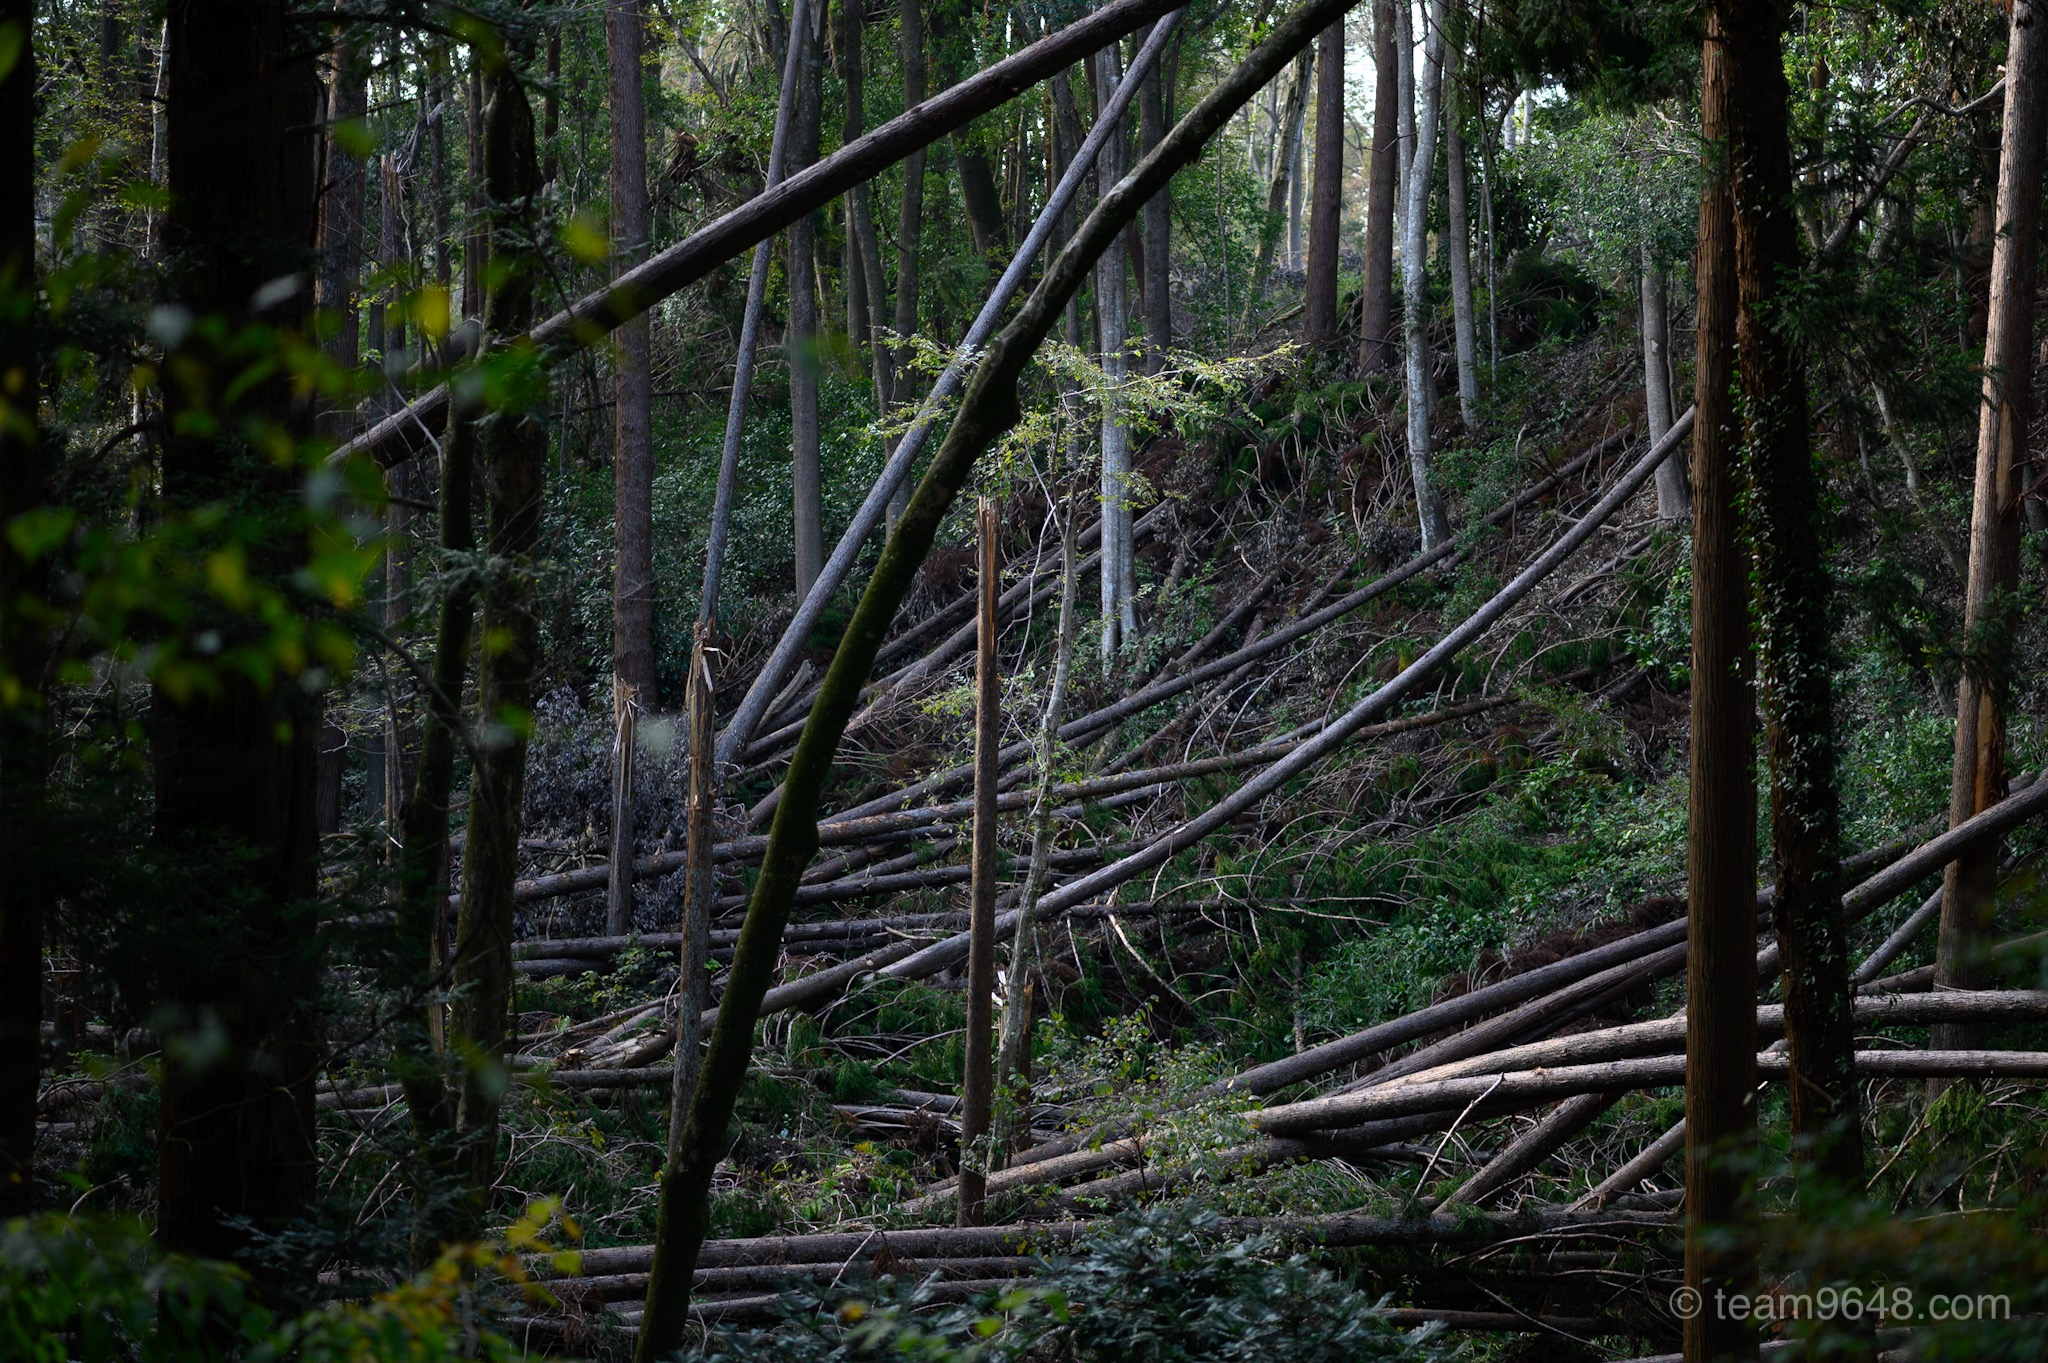 千葉 公園 台風での倒木